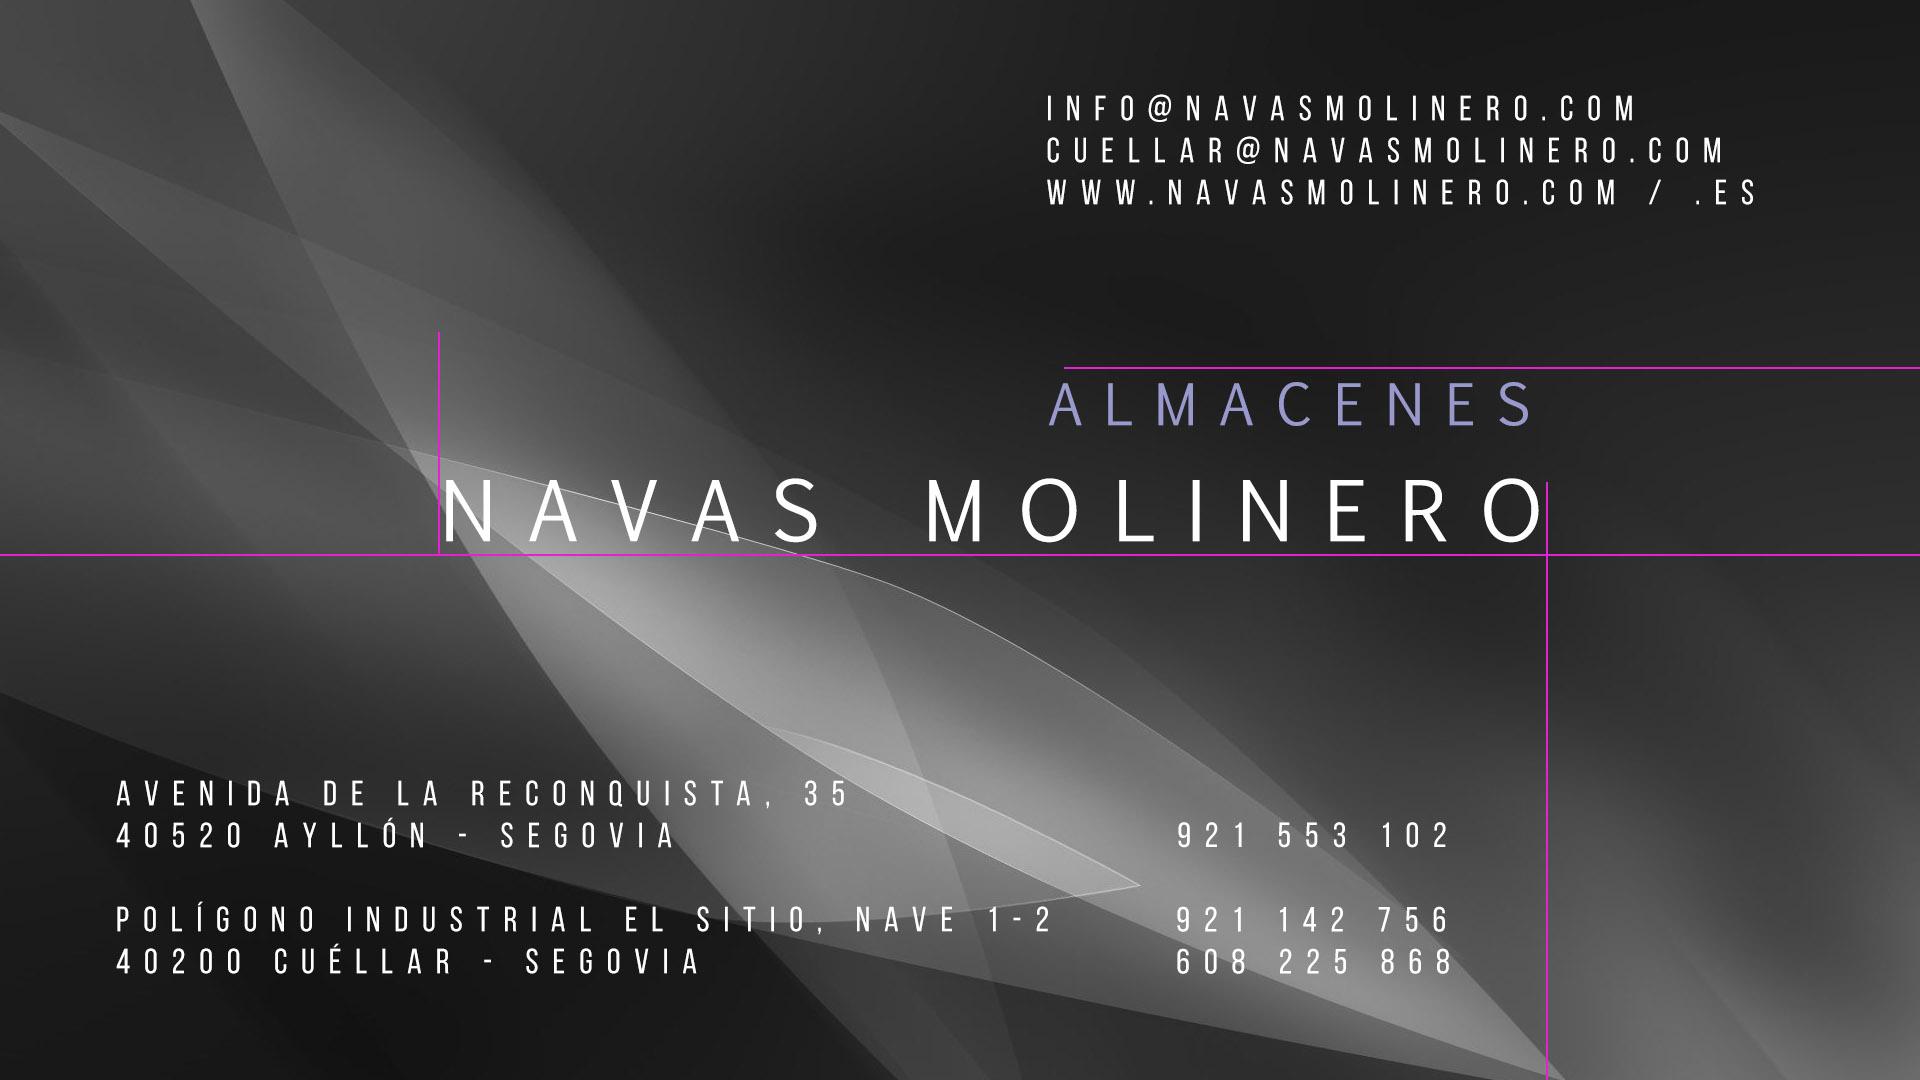 Almacenes-Navas-Molinero-1b